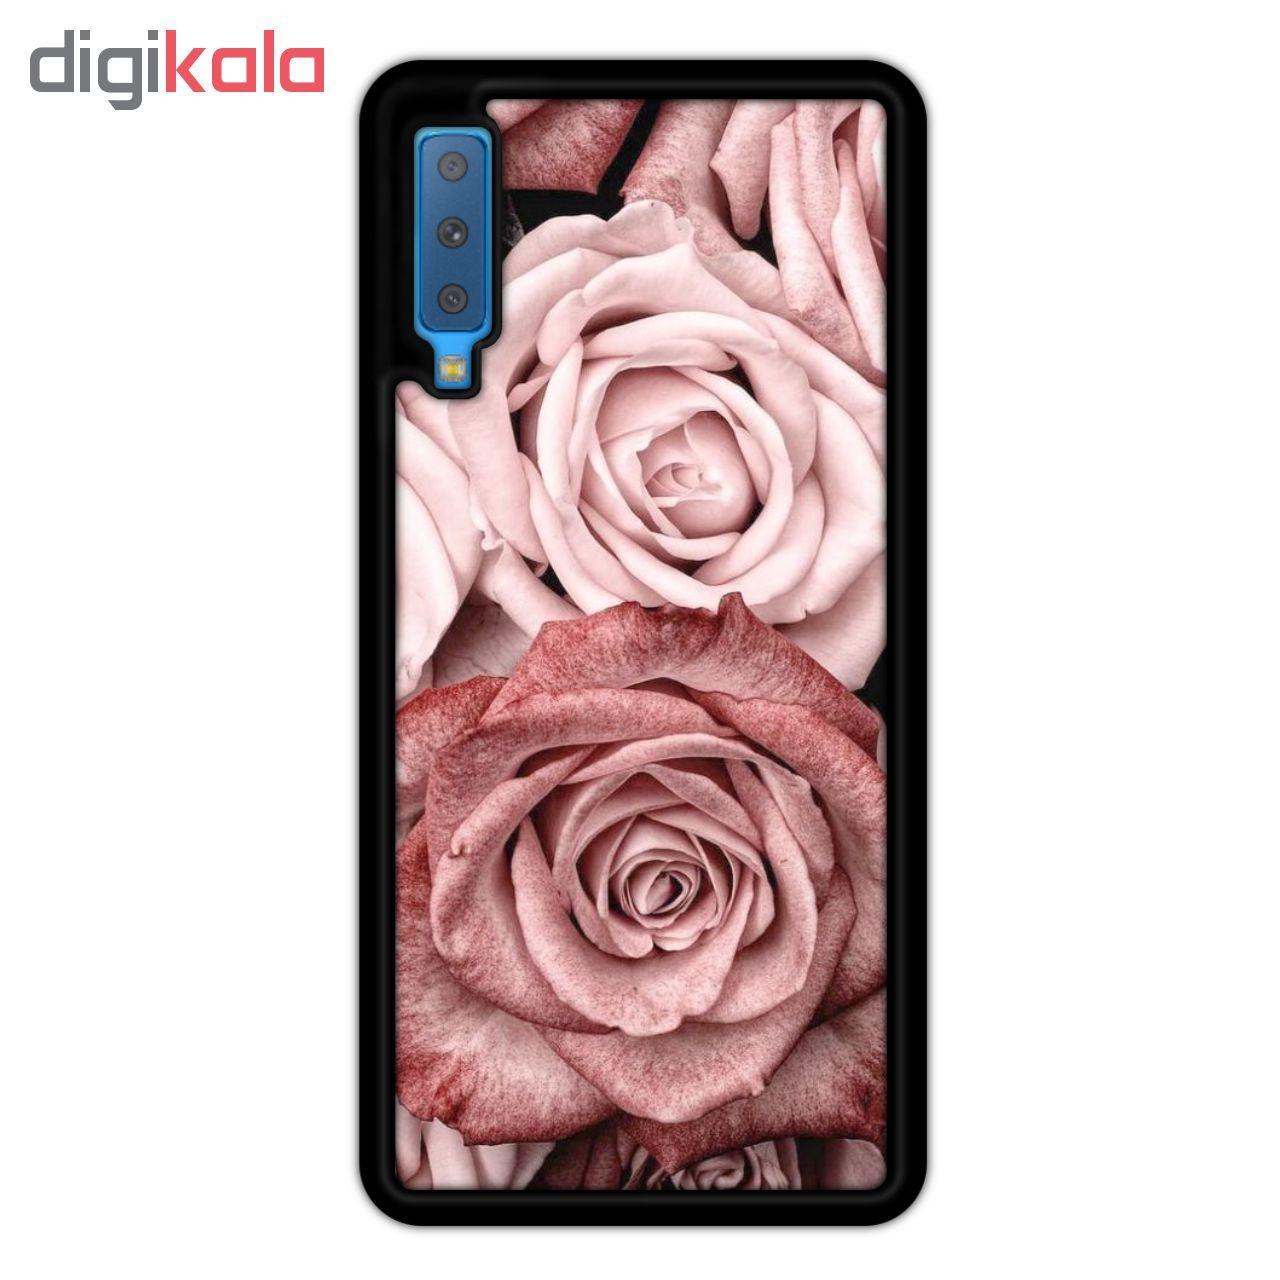 کاور آکام مدل Aasev1607 مناسب برای گوشی موبایل سامسونگ Galaxy A7 2018 main 1 1